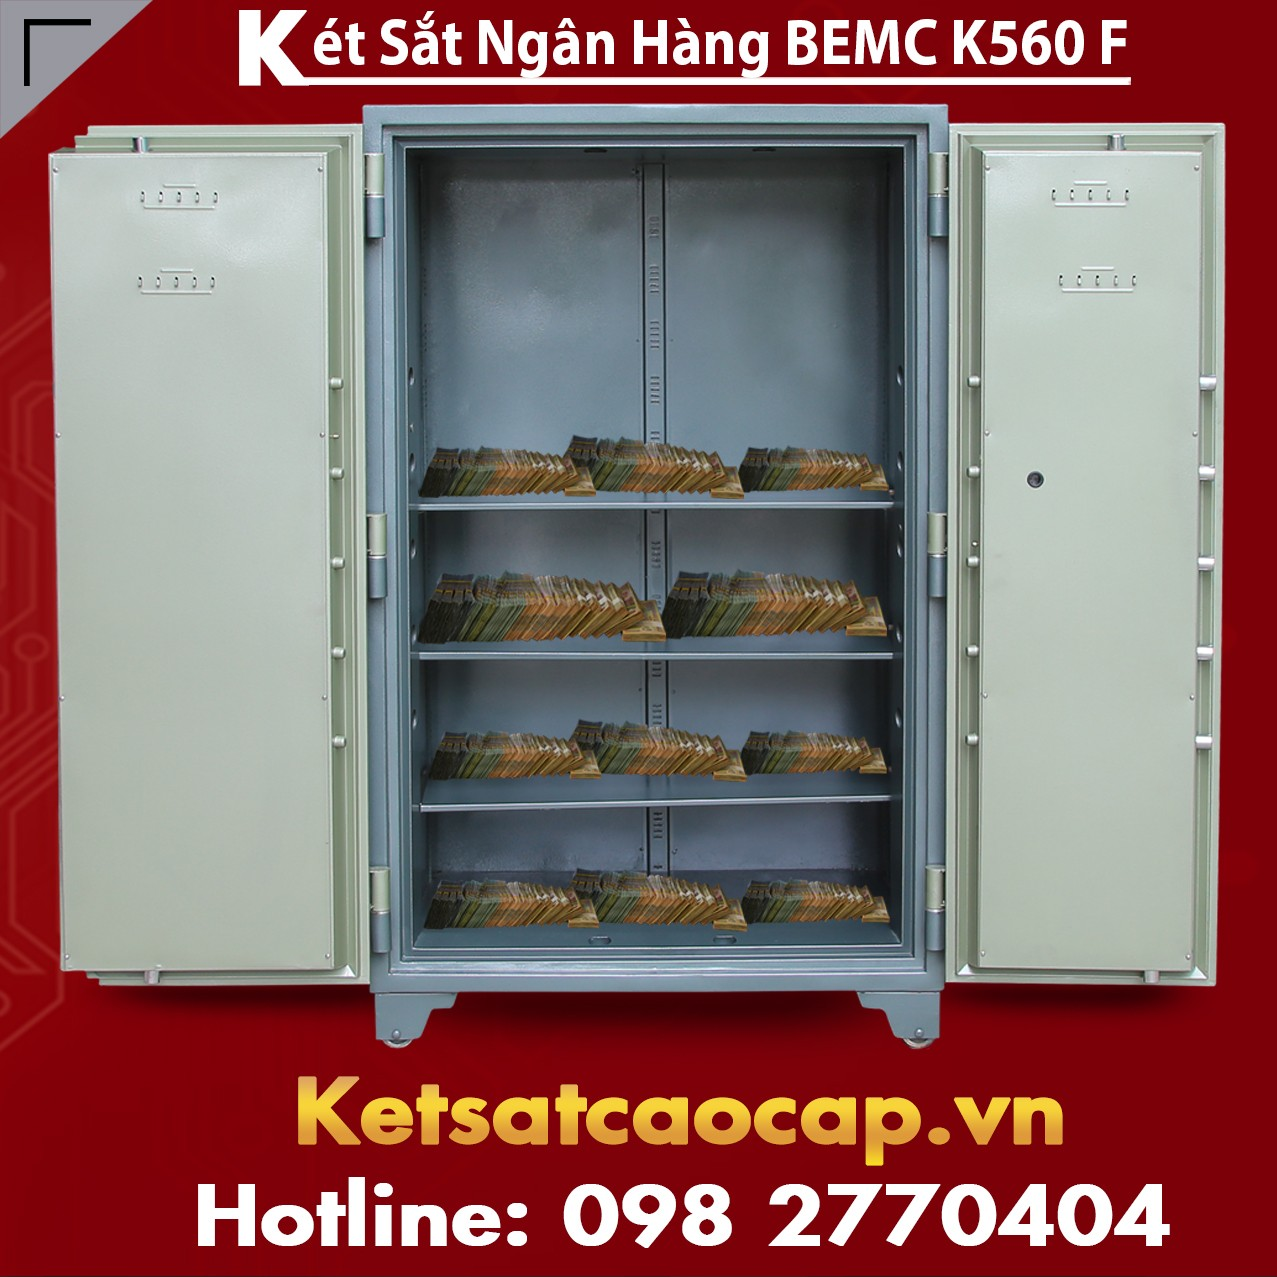 Két Sắt Vân Tay Bank Safes BEMC K560 F Rẻ Nhất Giao Hàng Miễn Phí VN